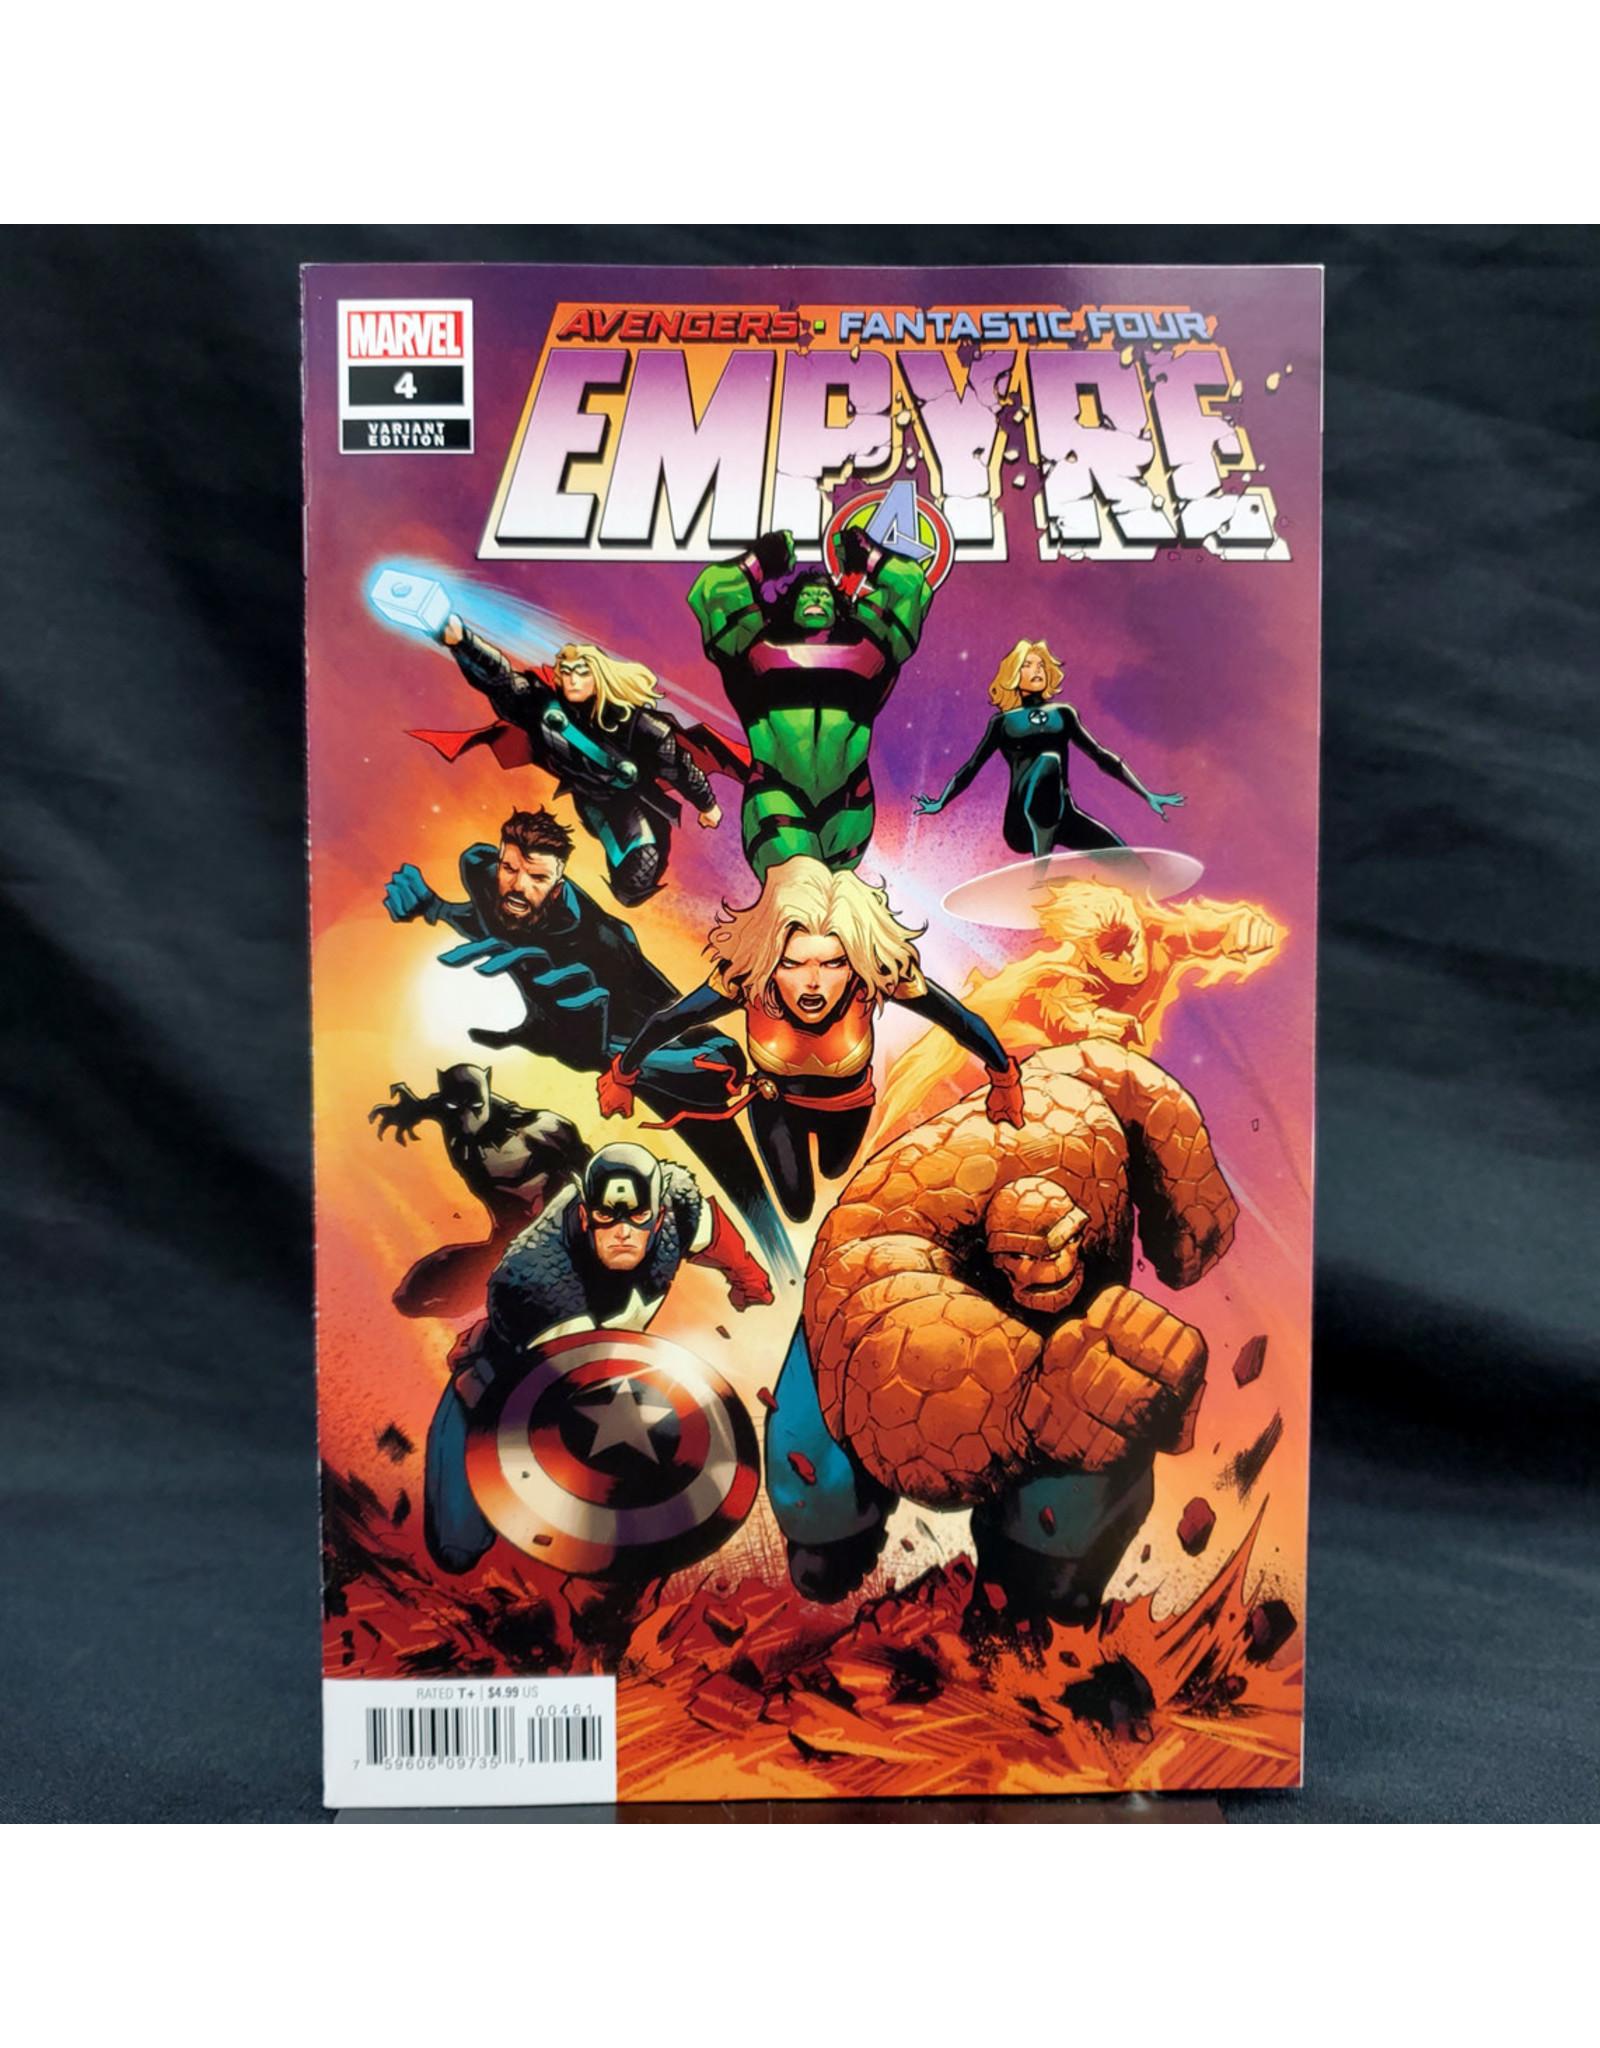 MARVEL COMICS EMPYRE #4 (OF 6) GARBETT VAR